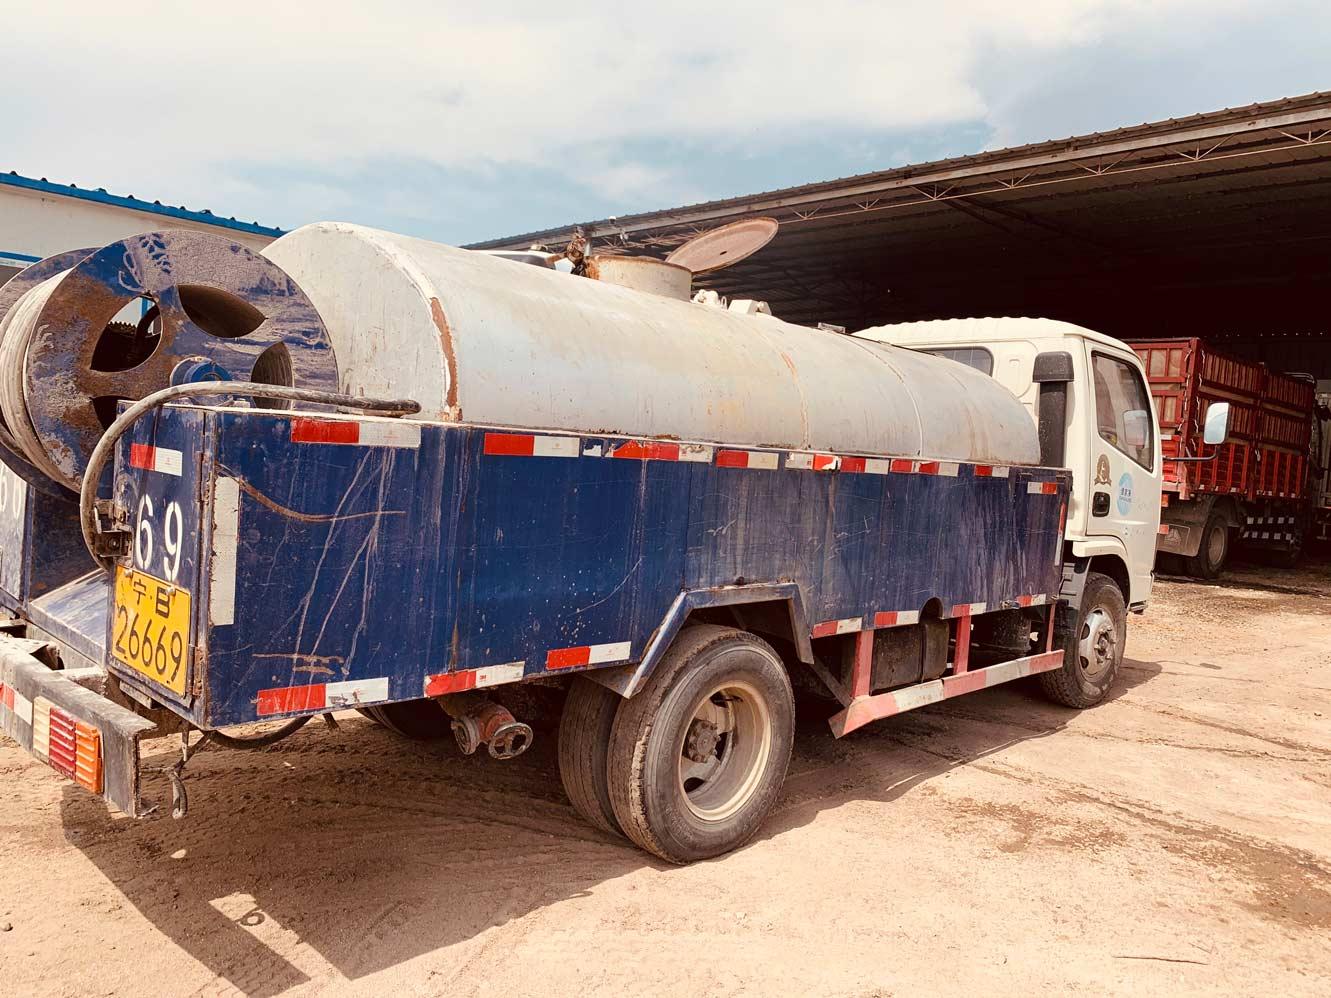 宁夏污水处理公司-银川污水处理如何-银川污水处理如何收费